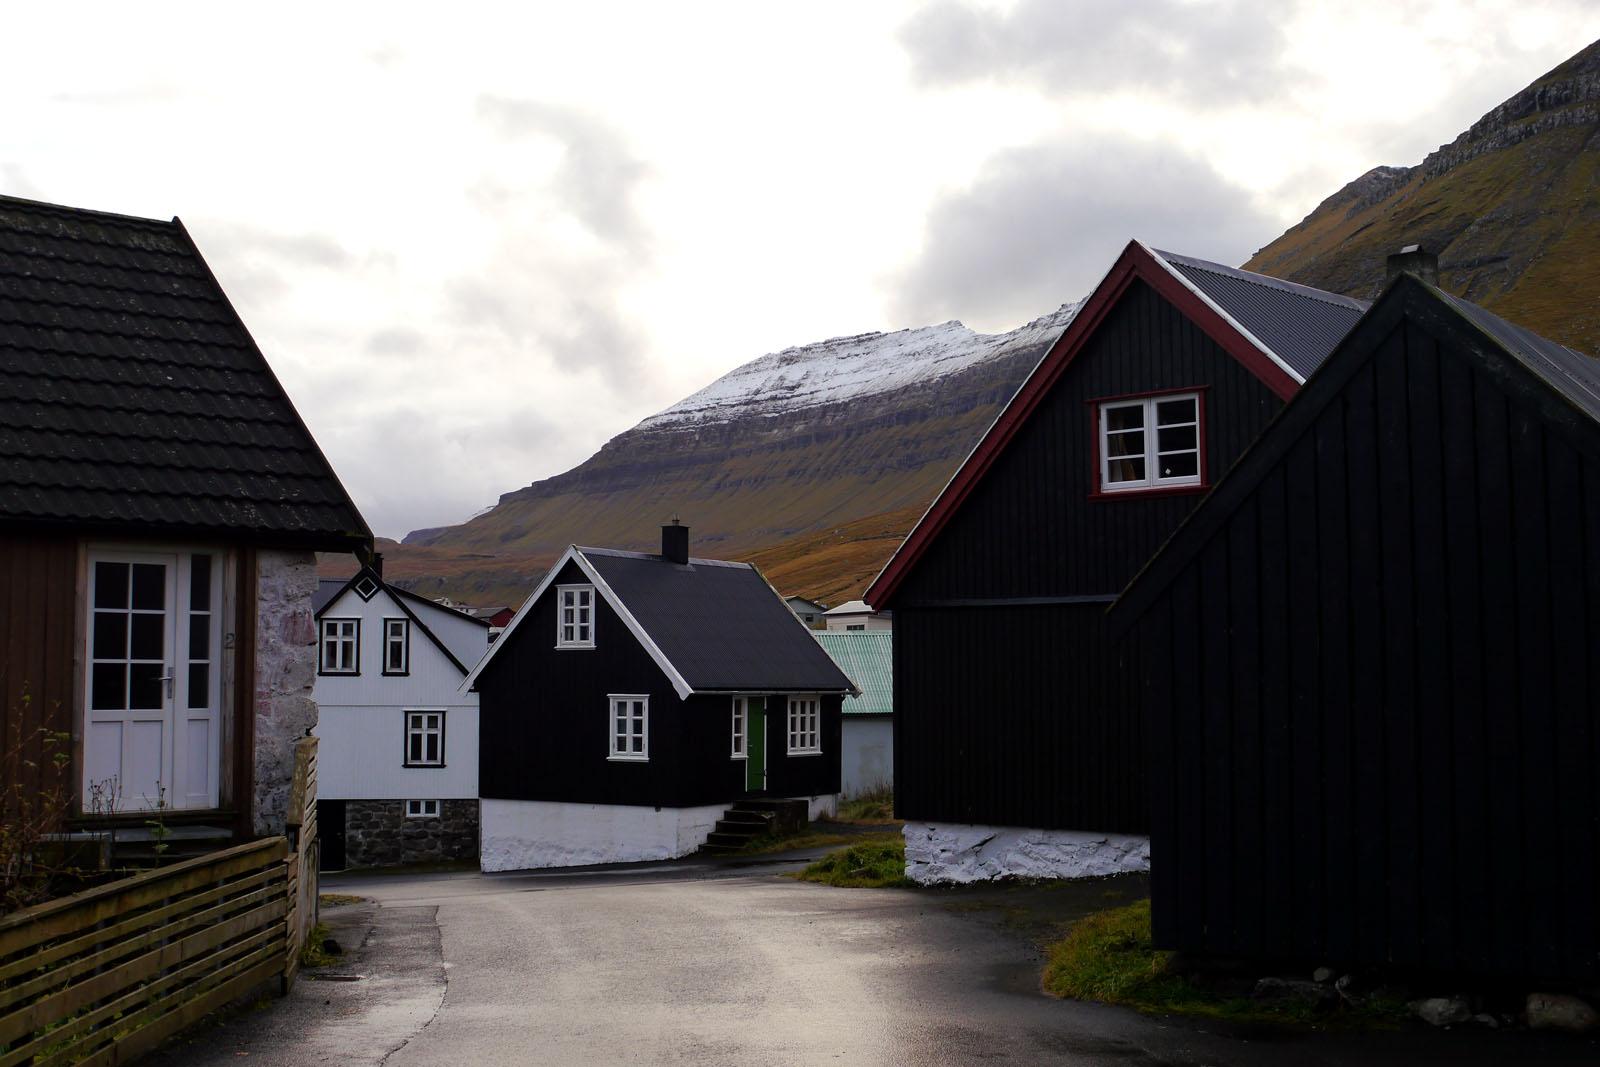 Eysturoy-Oyndarfjordur-Ortschaft-Berge